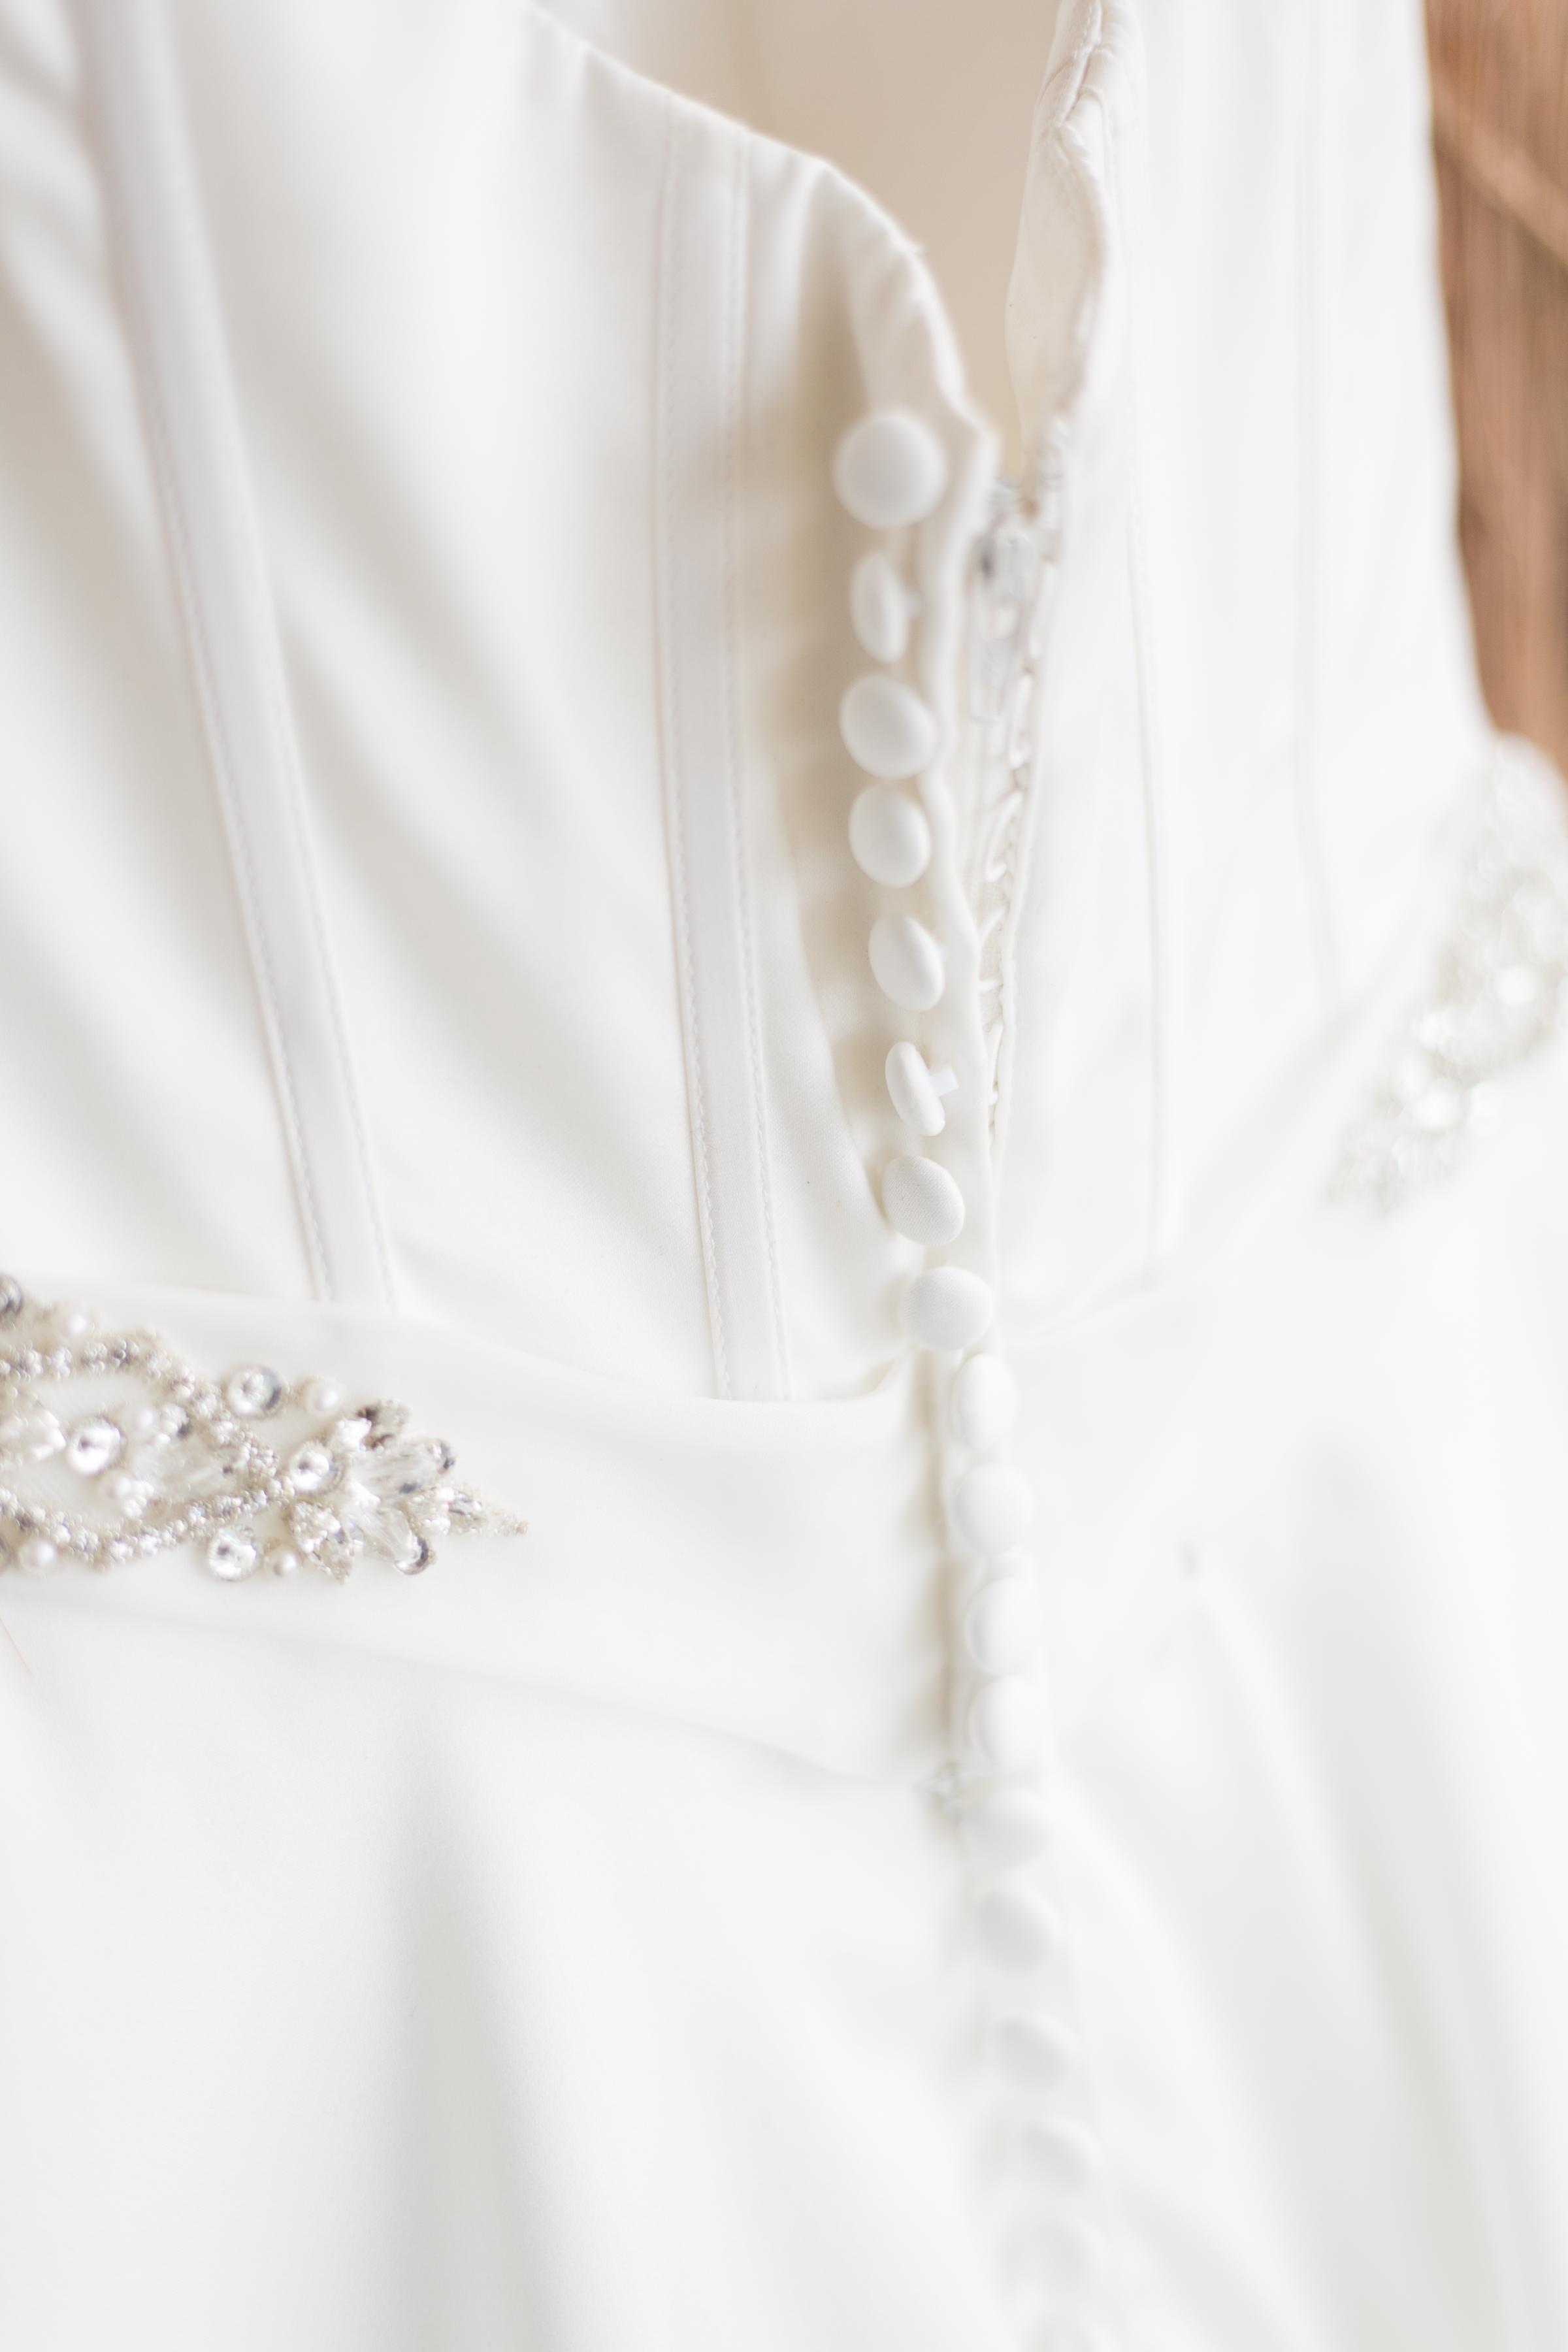 back of wedding dress details